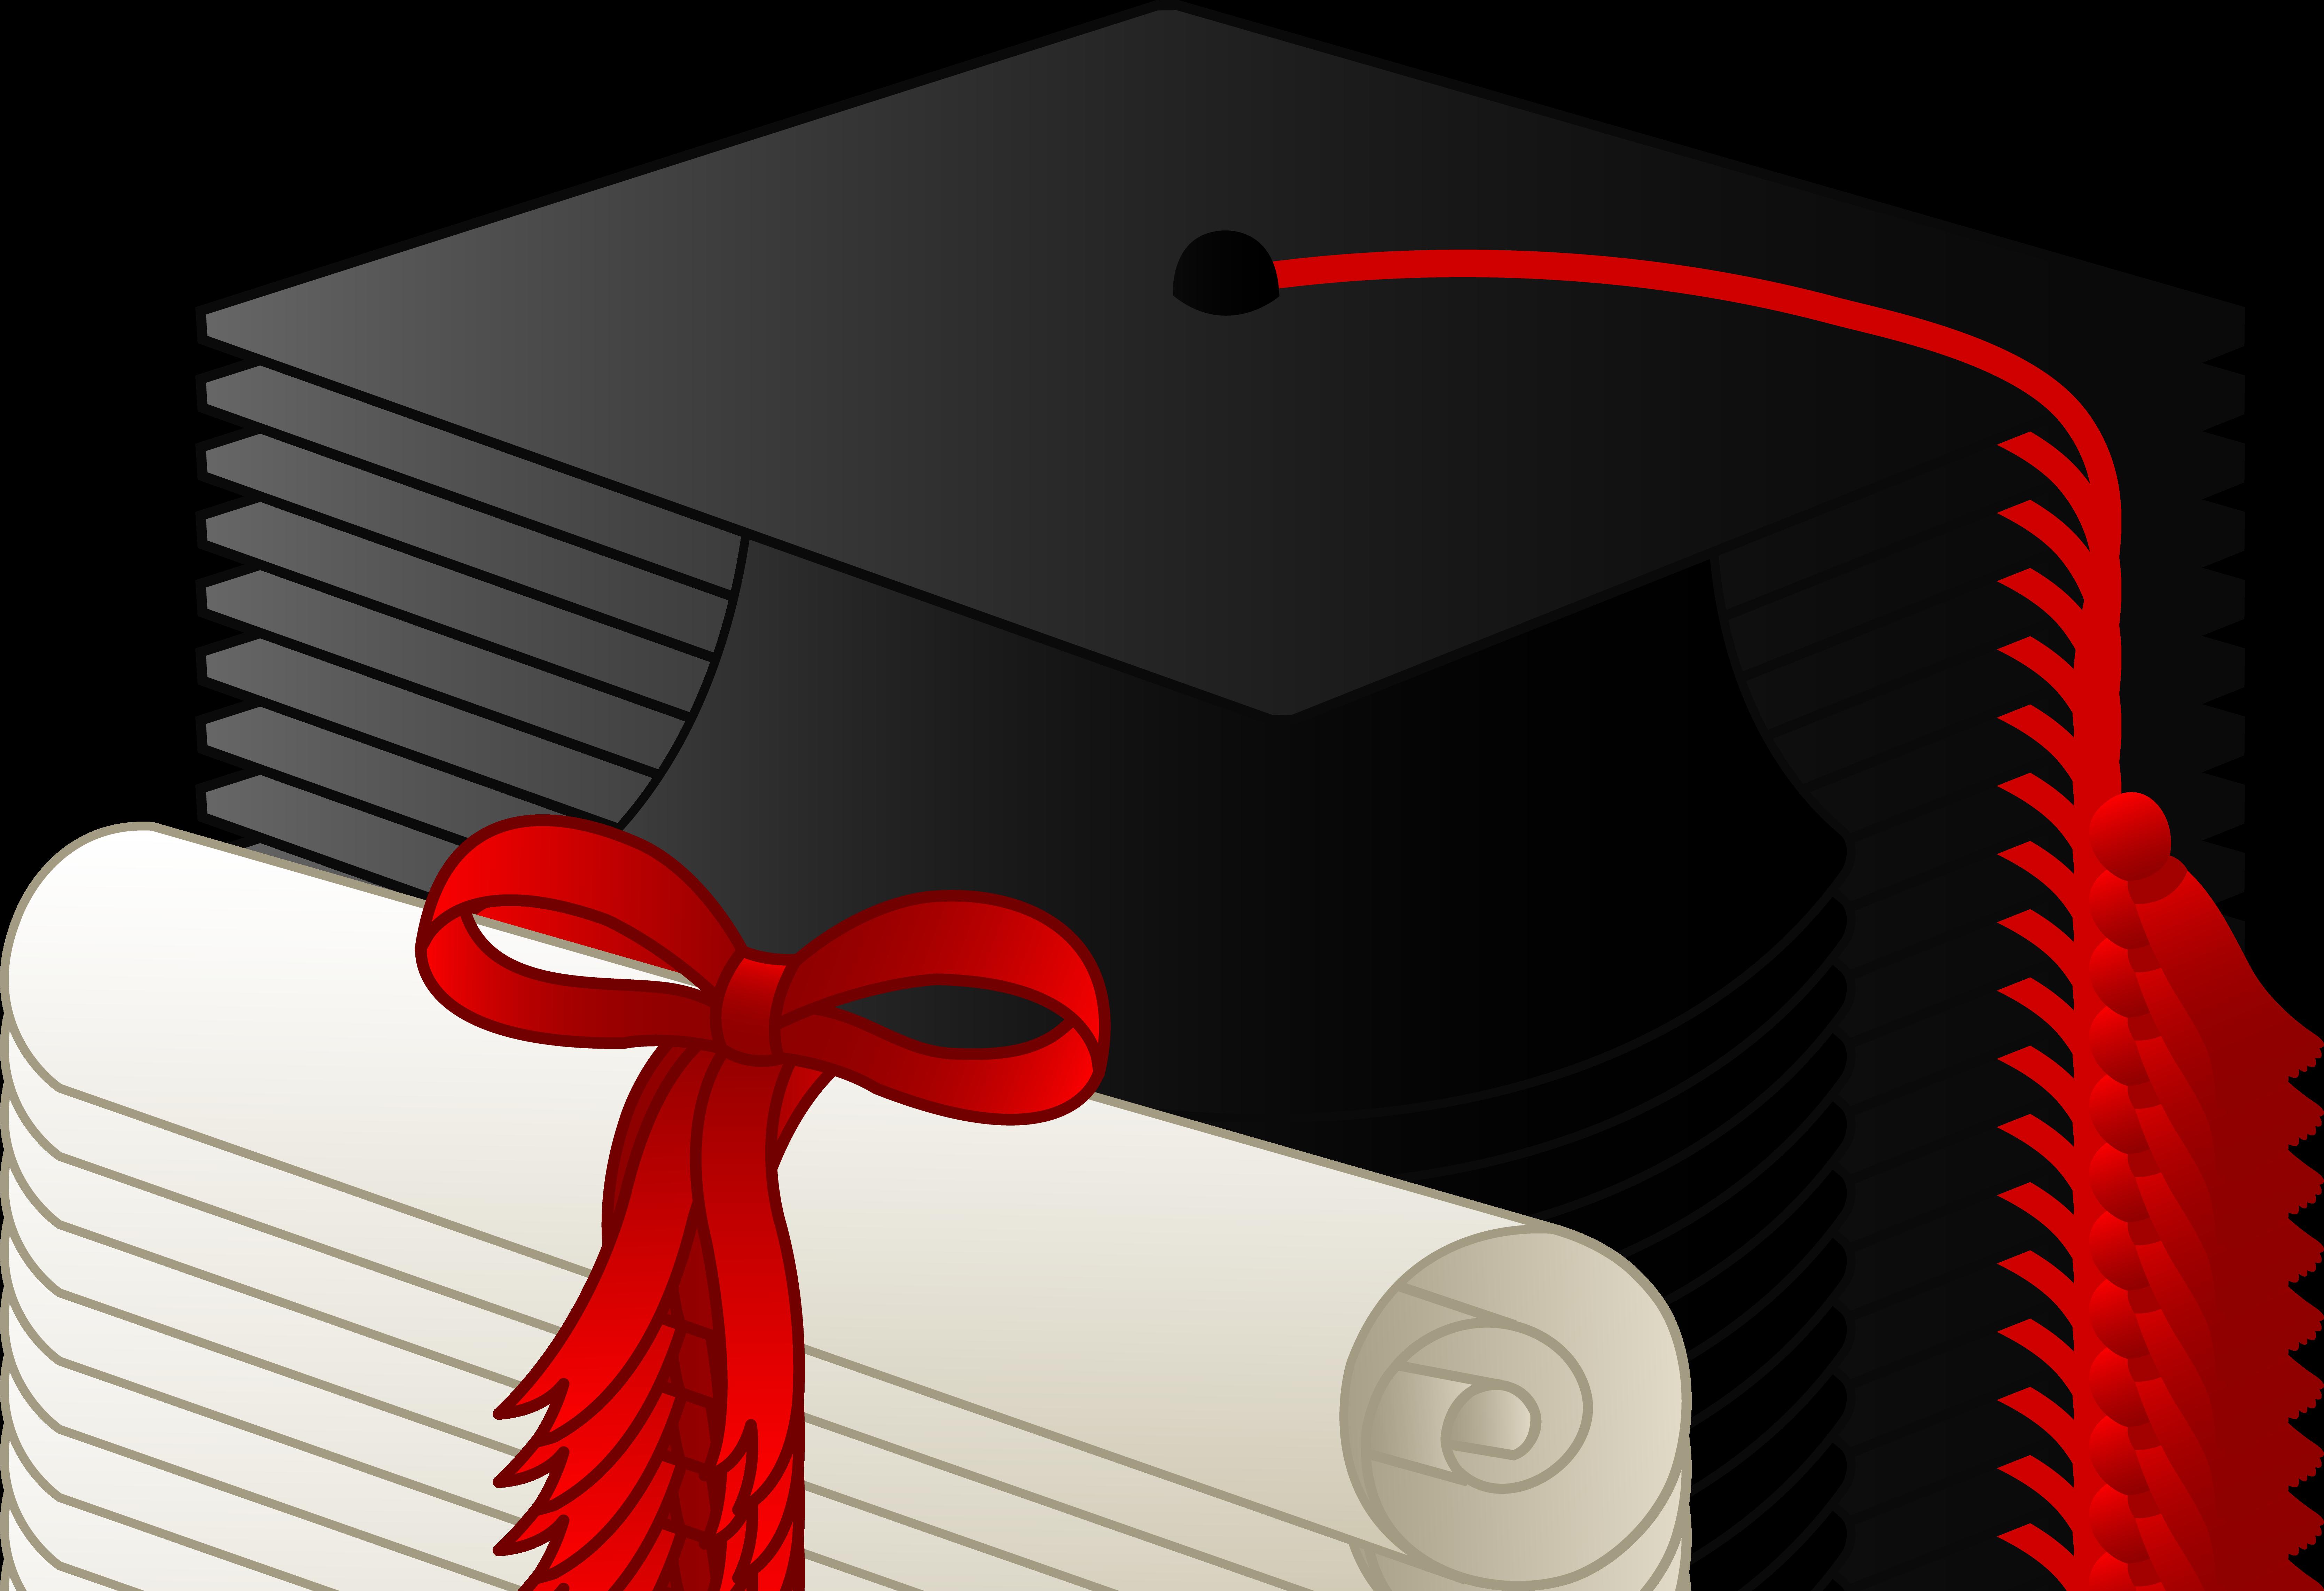 صور التهنئة بالتخرج من الكلية  (1)